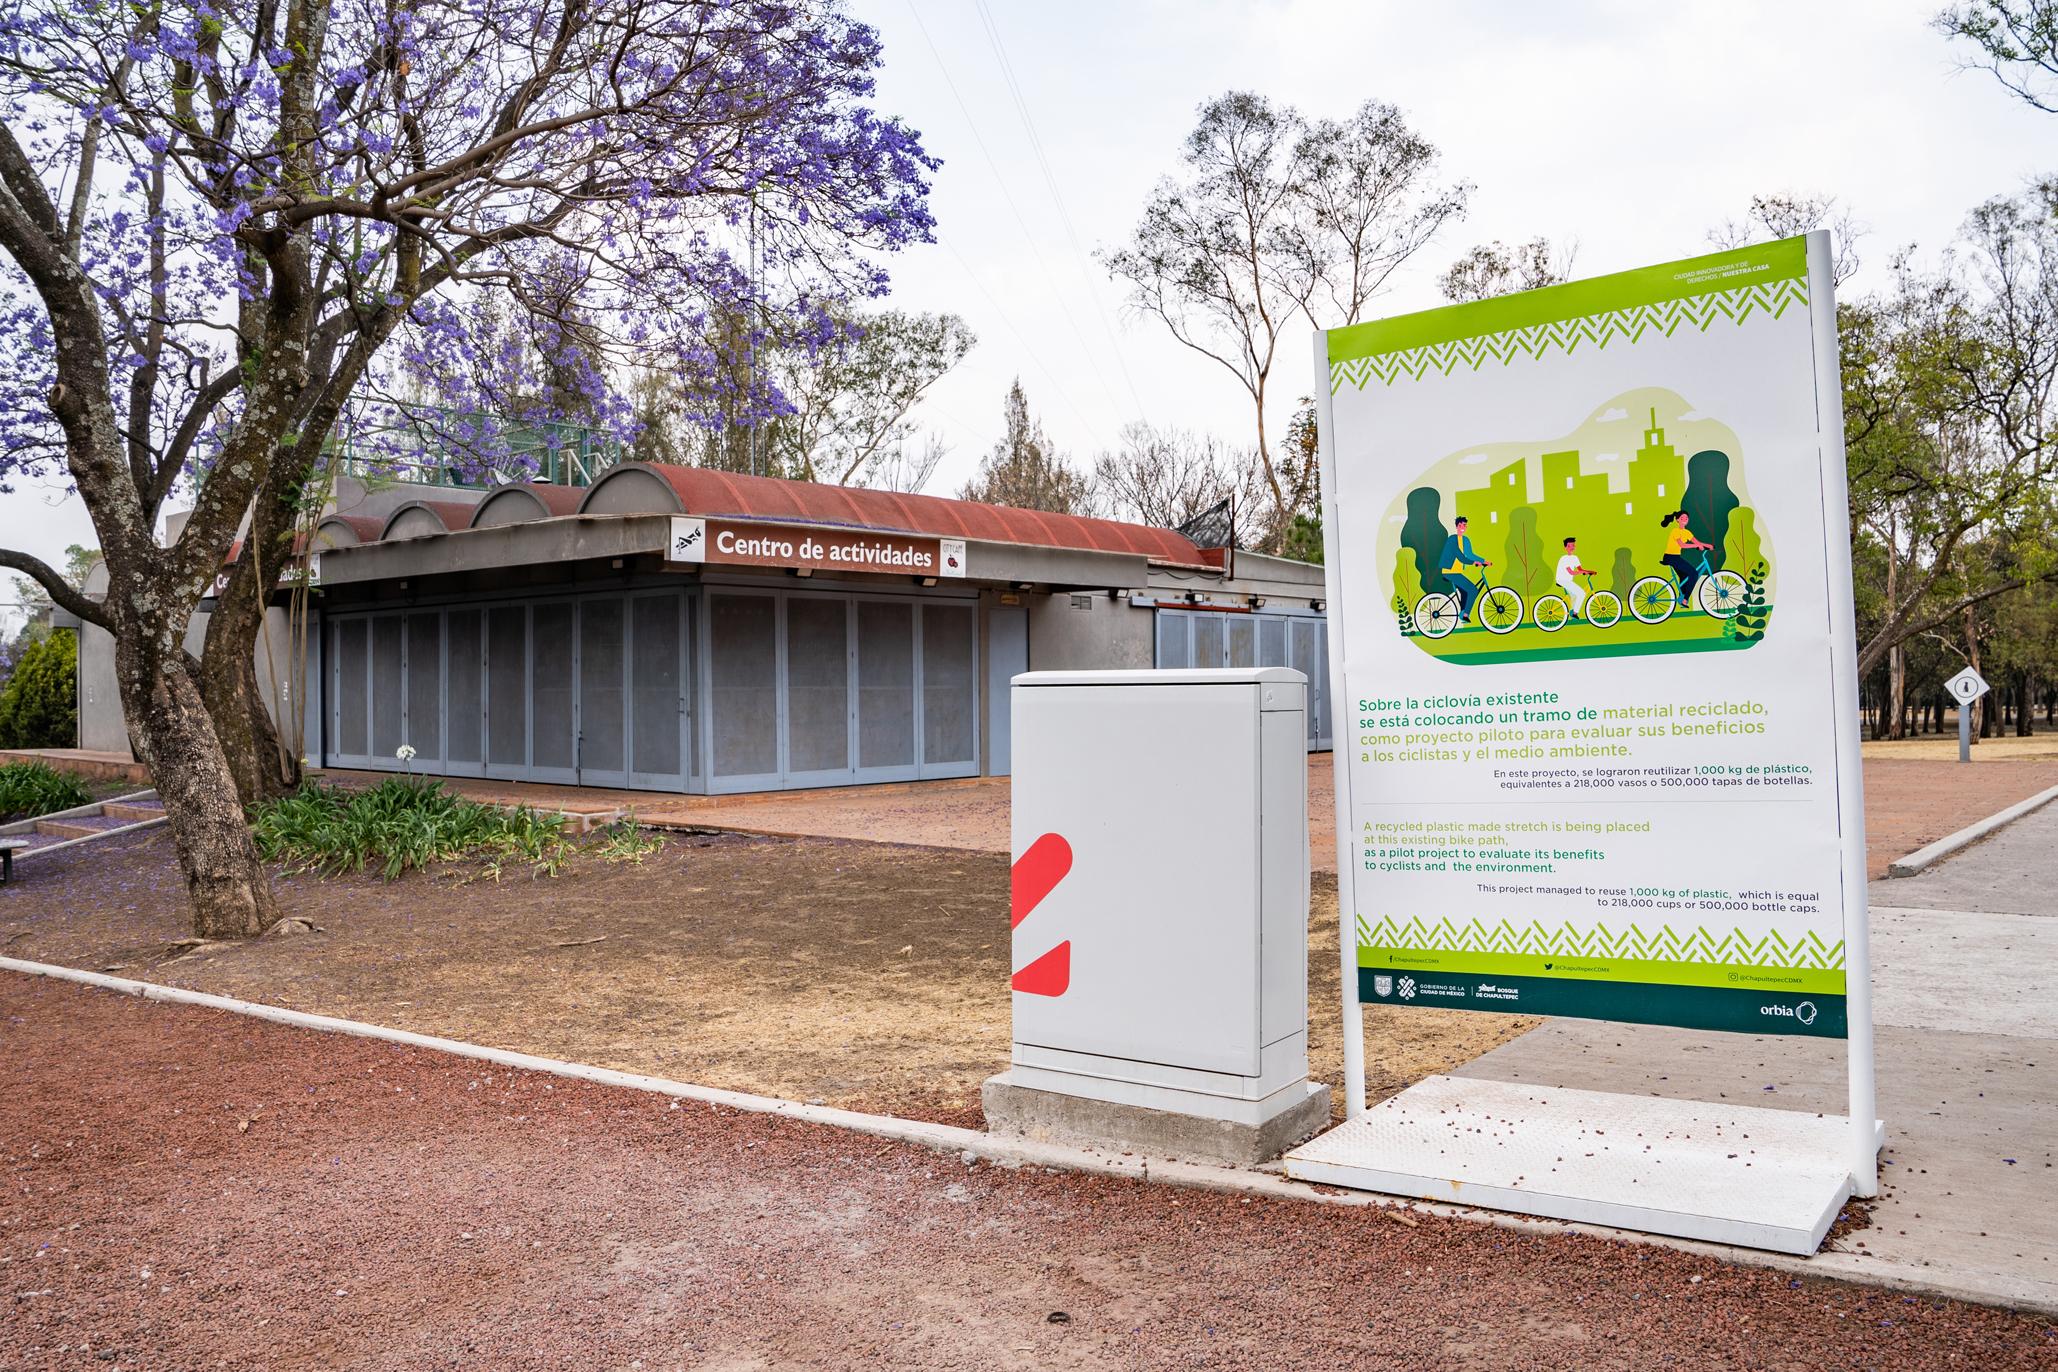 Módulo de bicicletas y anuncio en un parque